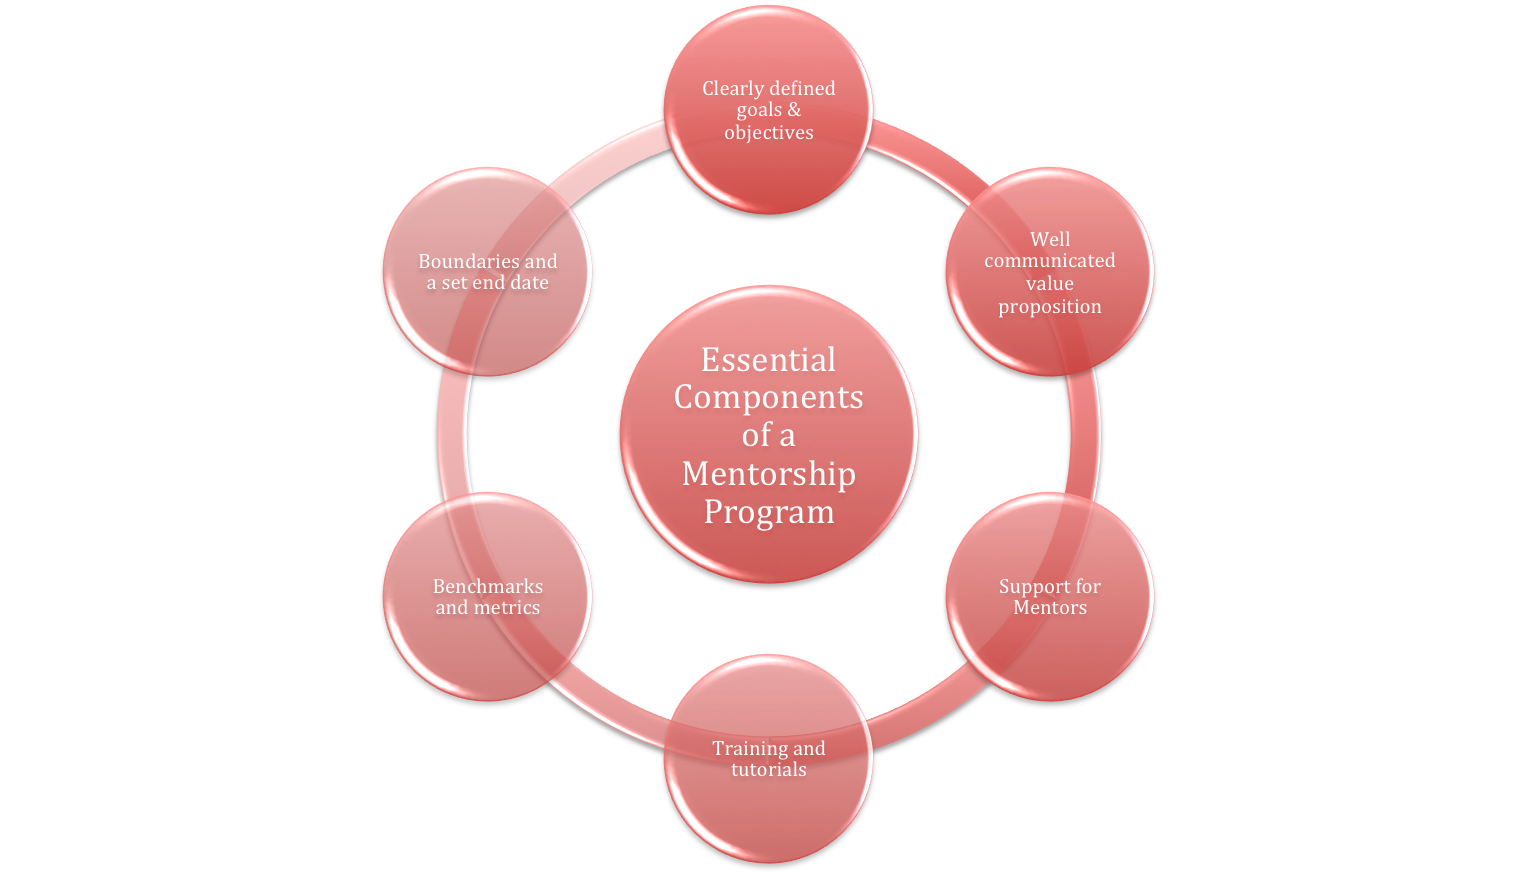 Essential Components of a Mentorship Program